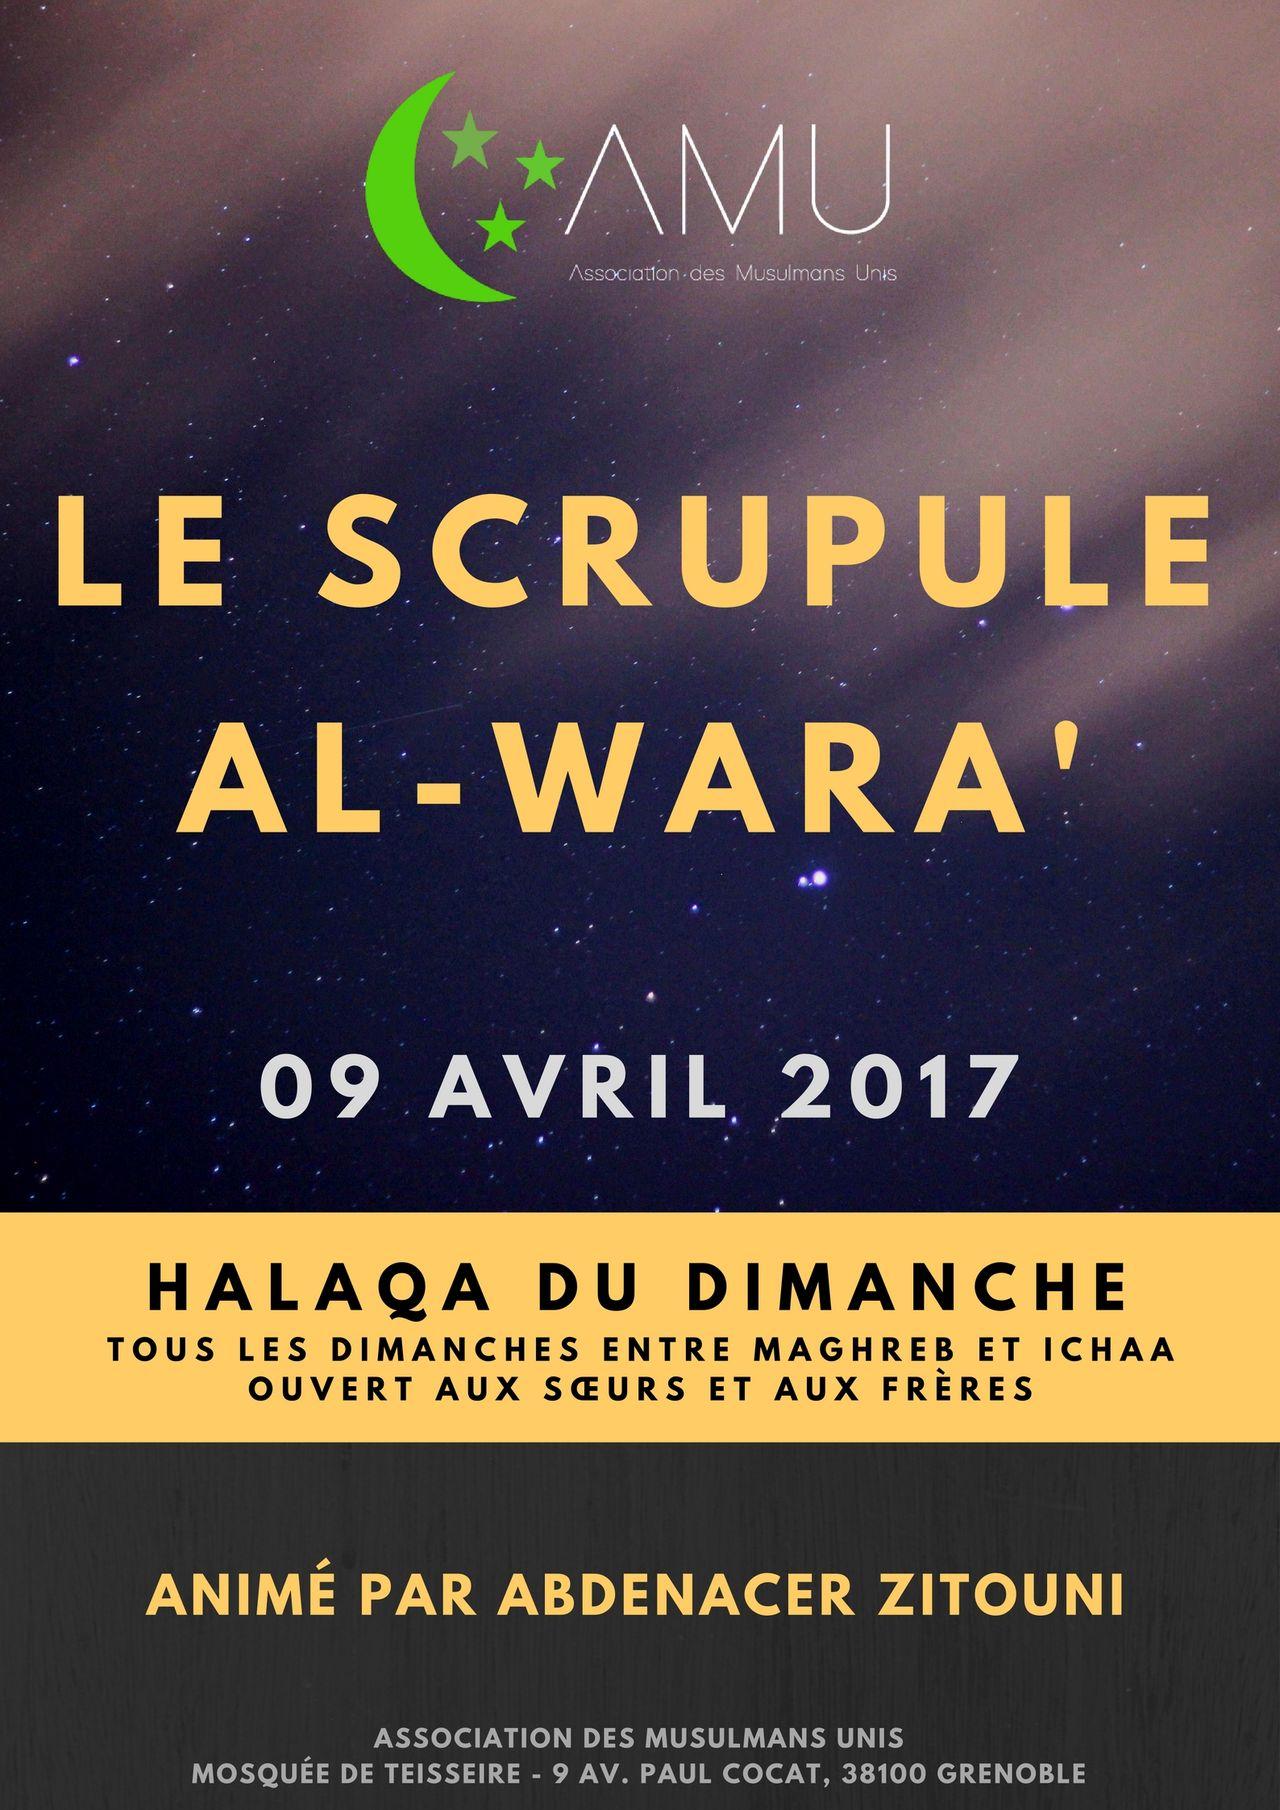 AFF_HALAQA_9AVRIL2017